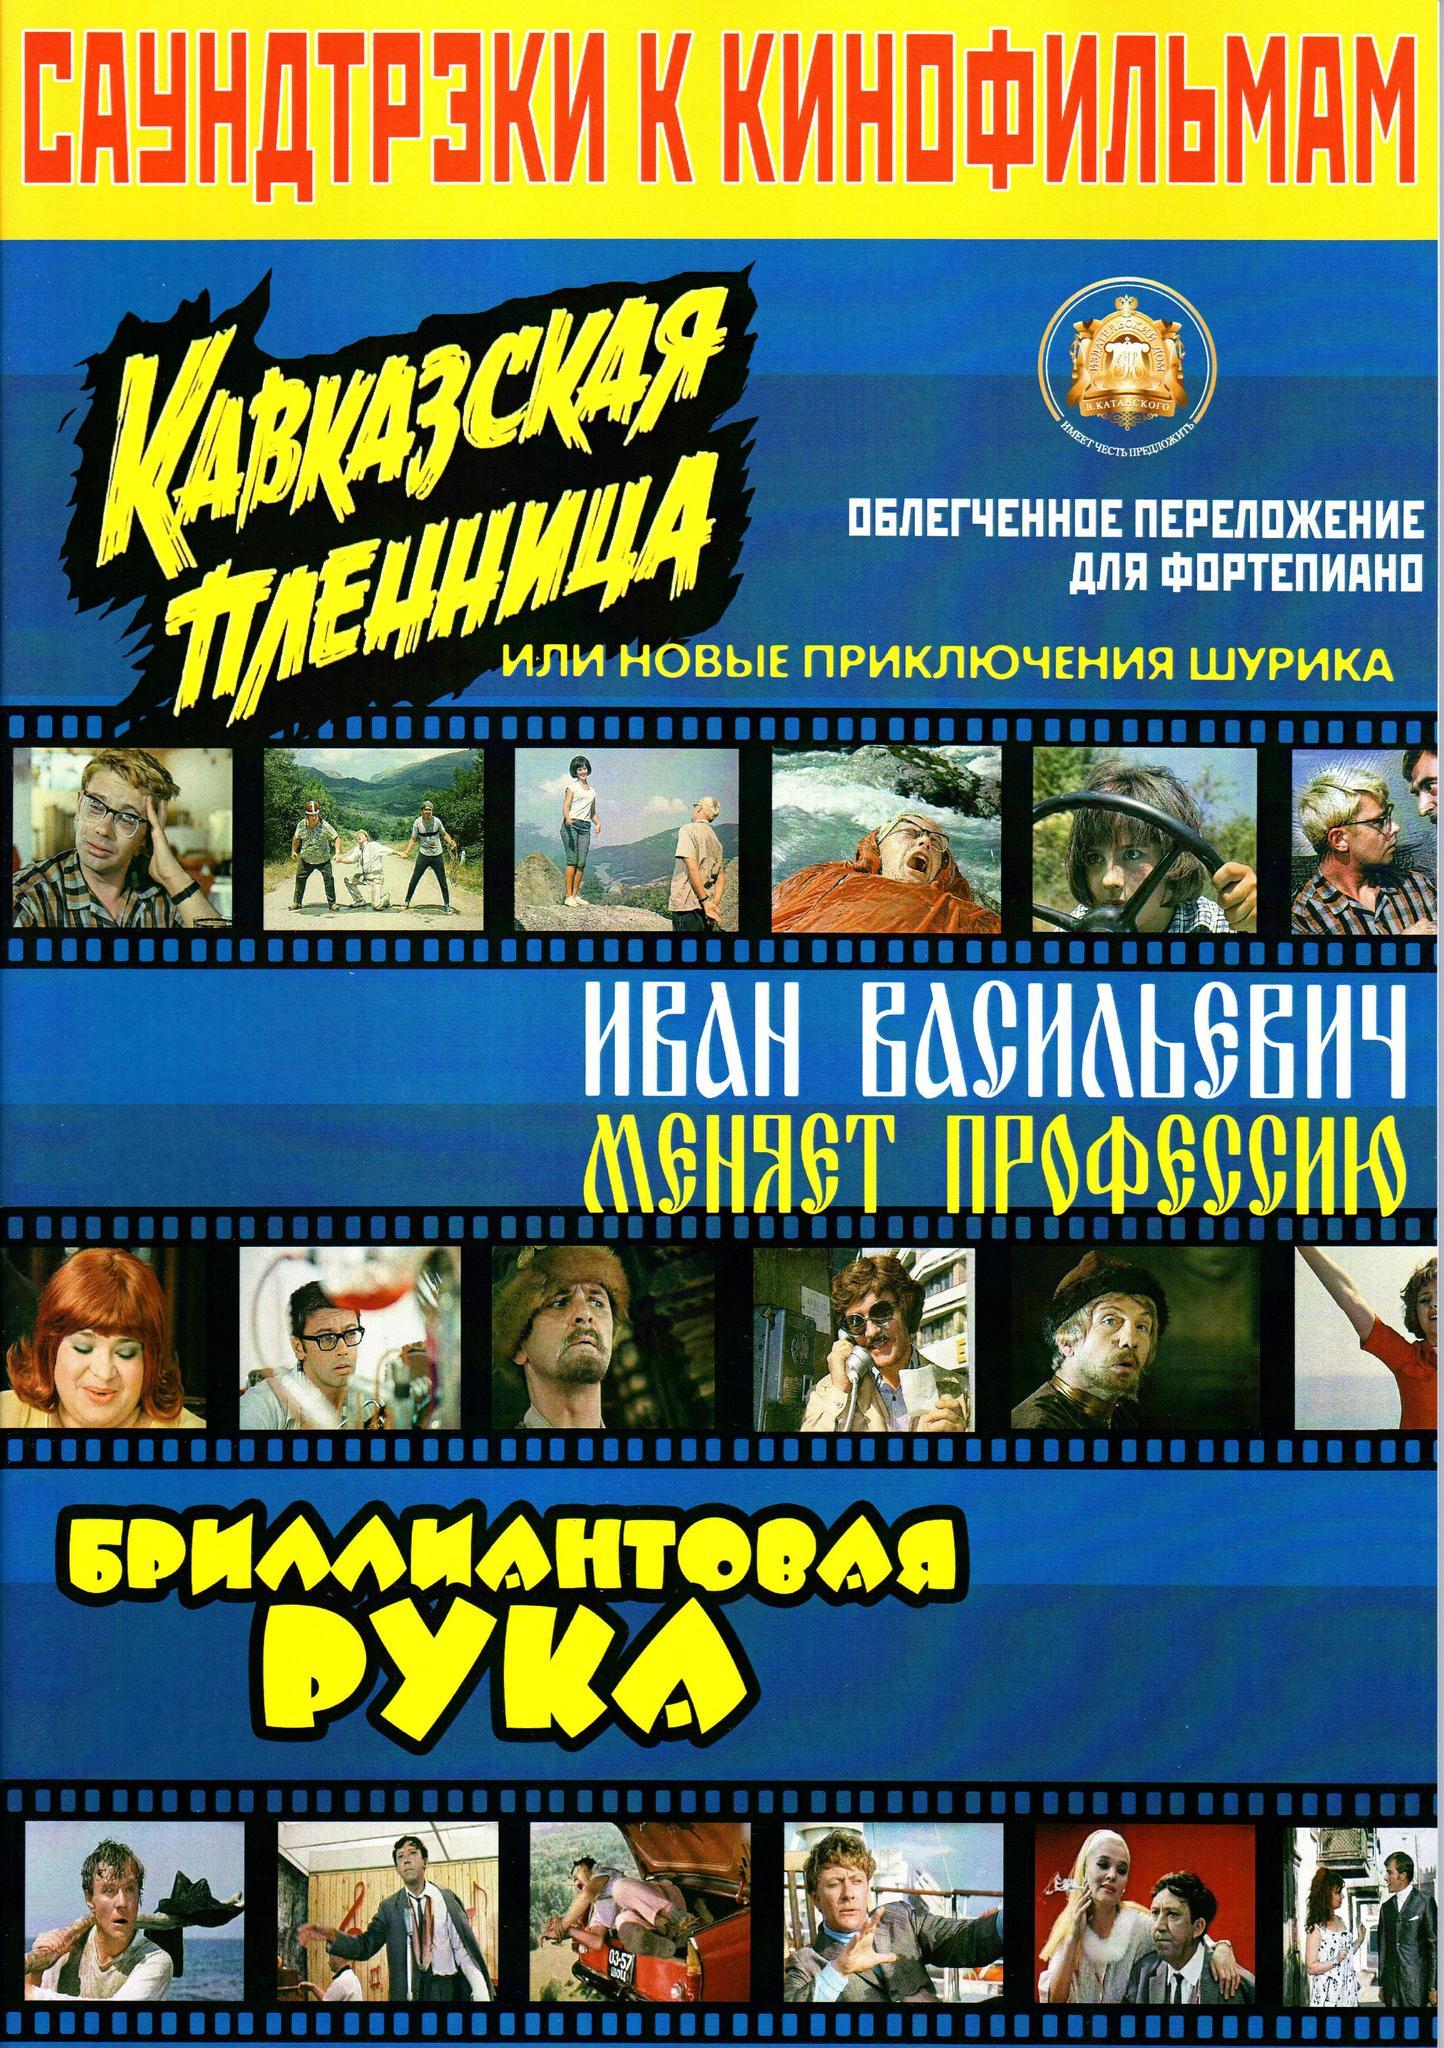 Катанский А. В. Саундтреки к фильмам, Кавказская пленница,